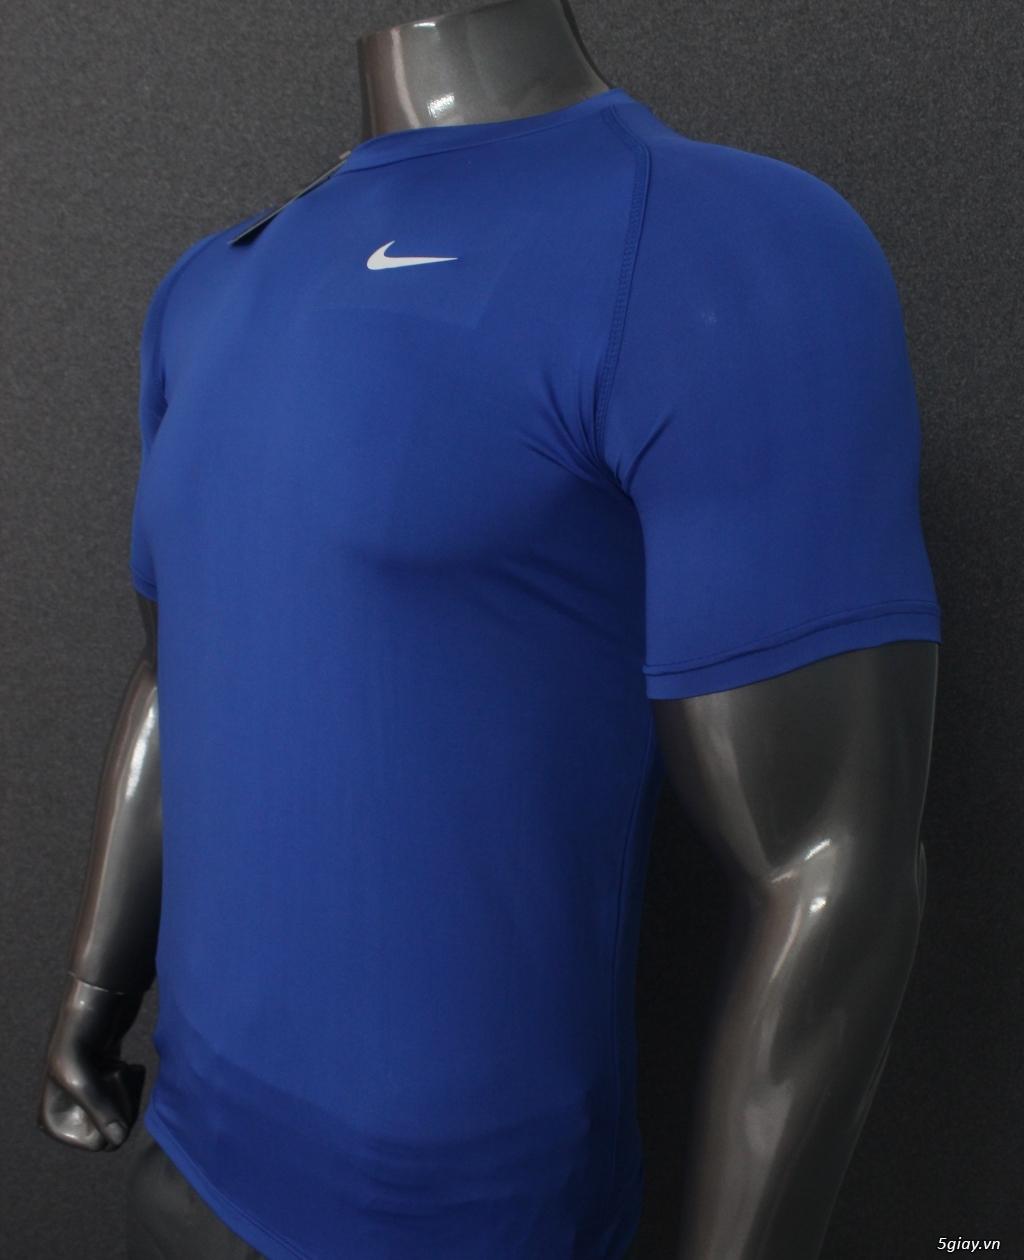 Chuyên cung cấp quần áo thể thao Adidas,Nike,Under Armour,Puma...trên Toàn Quốc giá xưởng - 40